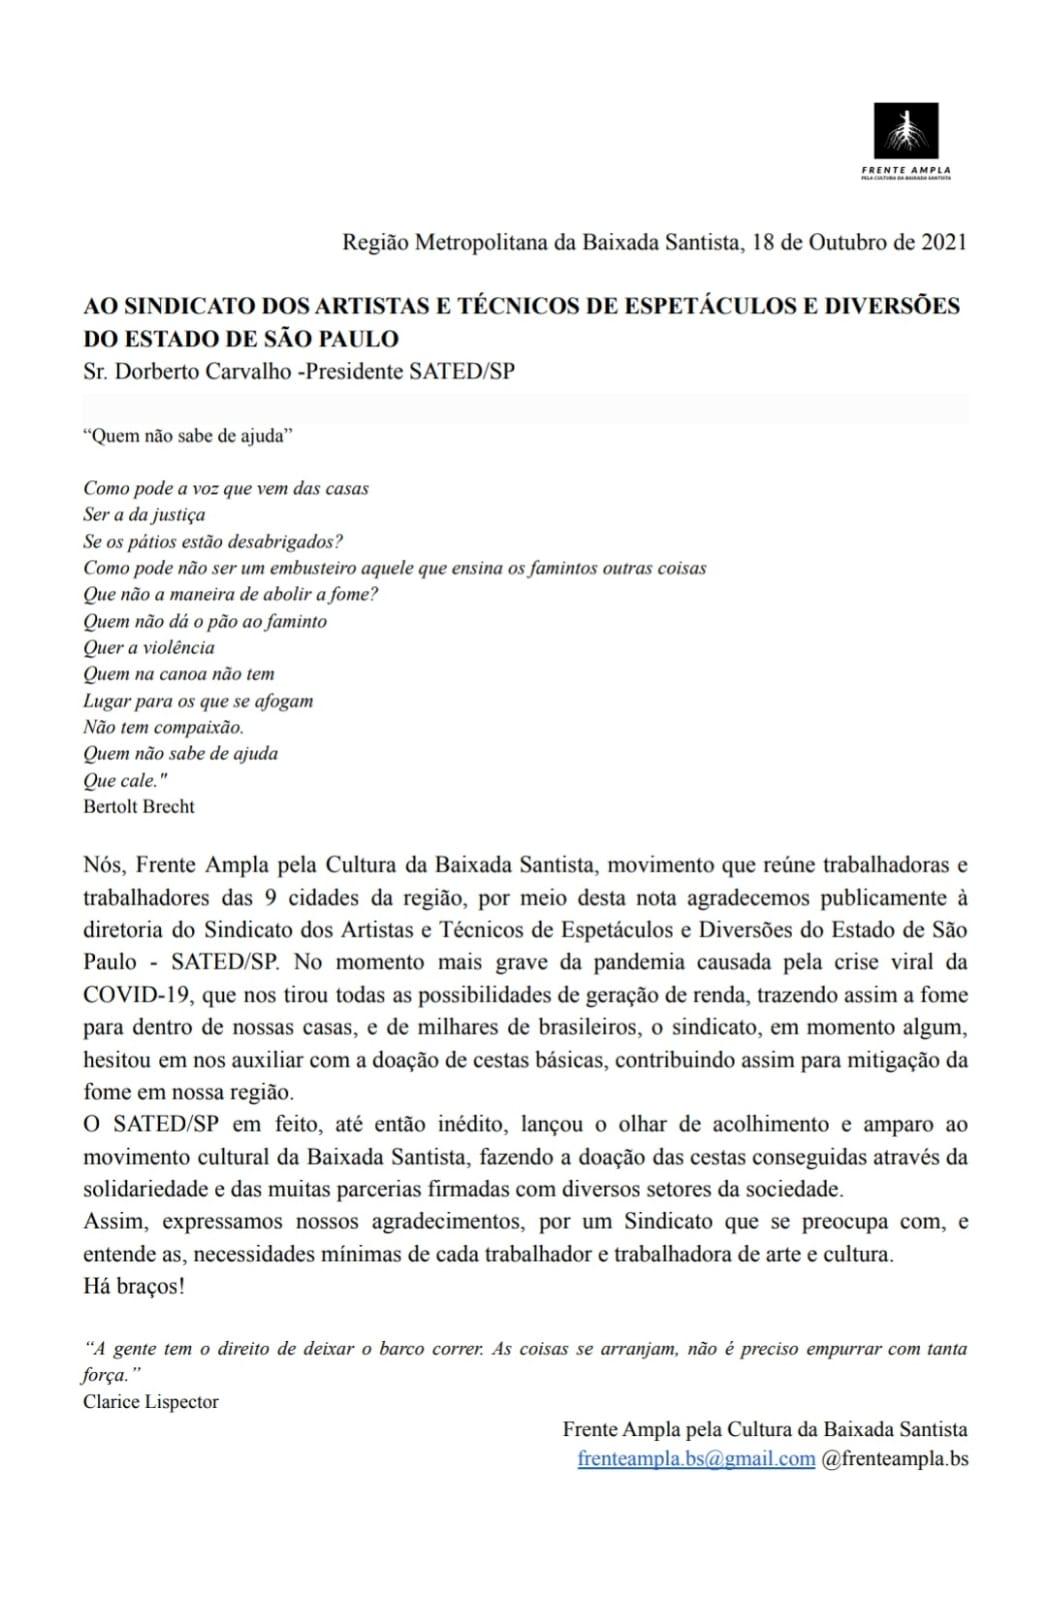 Carta da frente ampla pela cultura da Baixada Santista